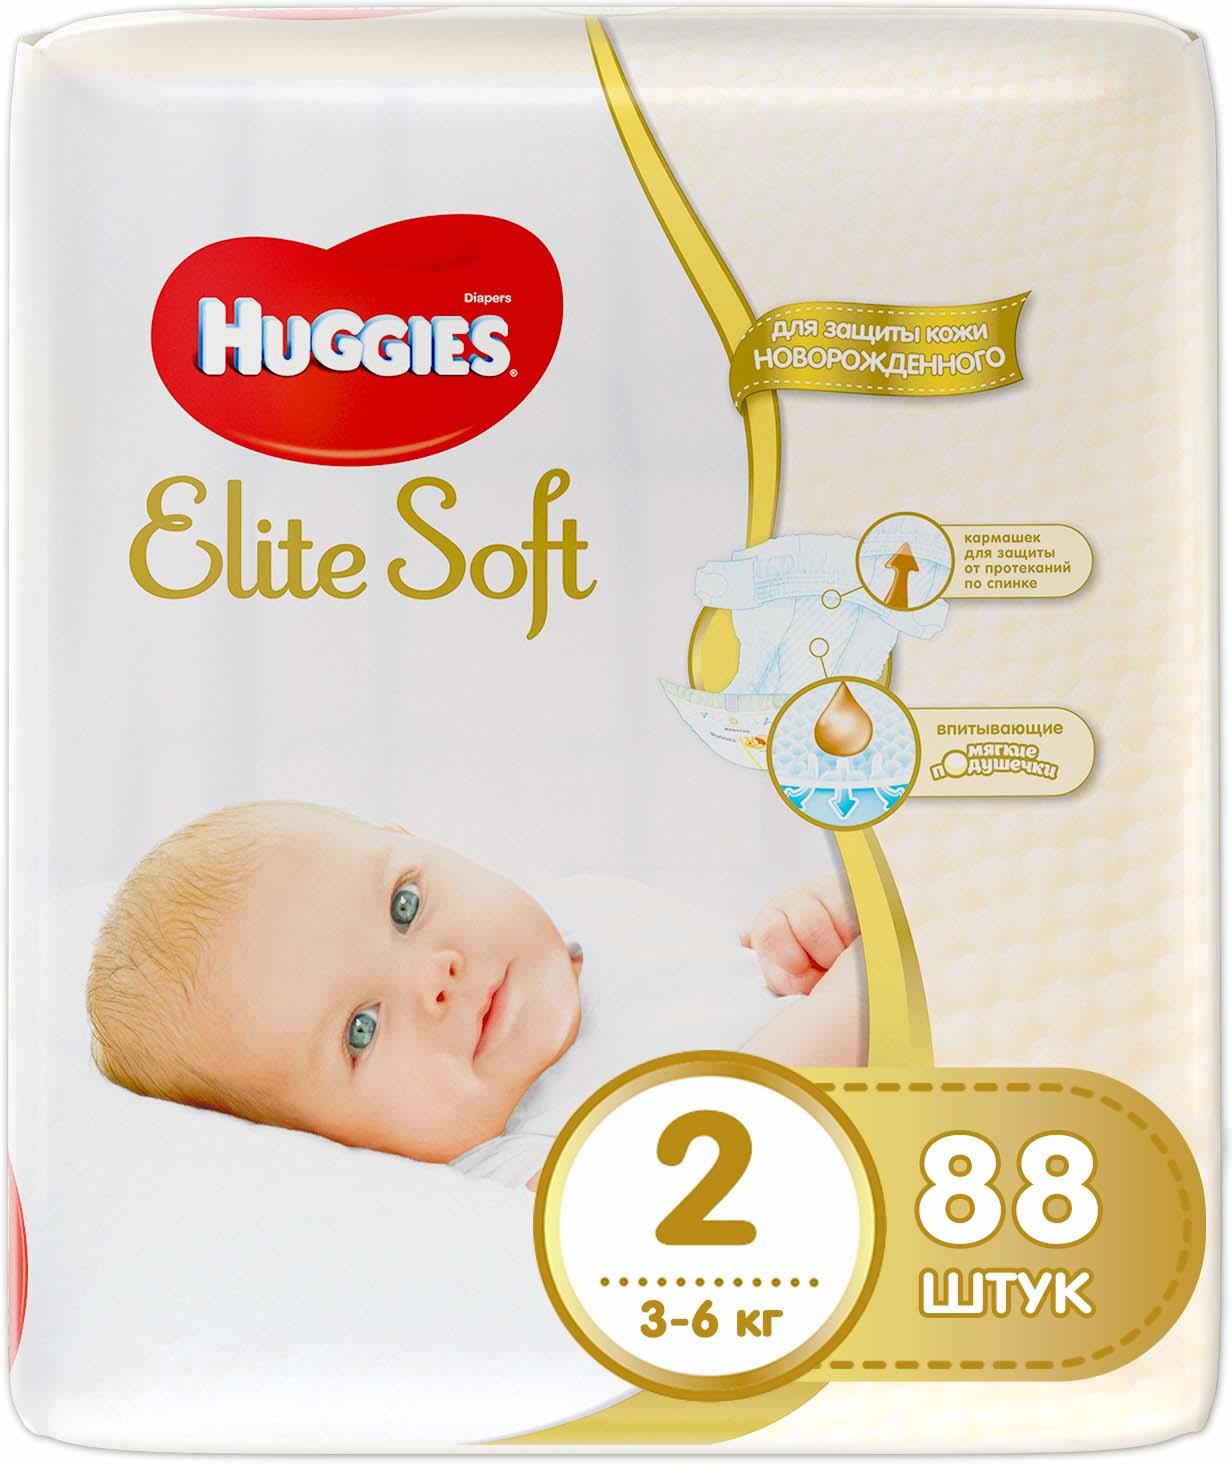 Huggies Подгузники Elite Soft 3-6 кг (размер 2) 88 шт9400832Для нежной кожи новорожденного.Нежный, как мамино прикосновение. Почувствуйте сами.Преимущества:• Впитывающие мягкие подушечки: впитывают жидкий стул за секунды, помогая сохранить кожу чистой и защищенной• Эластичный внутренний кармашек для лучшей защиты от протекания по спинке• Эластичный поясок обеспечивает отличное прилегание к спинке малыша для наибольшего комфорта• Высокие бортики вокруг ножек помогают удержать жидкий стул для лучшей защиты от протекания• Индикатор влаги подскажет, когда придет время сменить подгузник• Дизайн от Disney©* с Винни-Пухом Подгузники Huggies Elite Soft (Хаггис Элит Софт) для новорожденных NB (Newborn), размер 2 / S, 88 штук (вес 3-6 кг) содержат дышащие материалы, не вызывают опрелостей и раздражения, не натирают, моментально впитывают влагу, помогая сохранить кожу сухой, застежки-липучки застегиваются в любом месте подгузника. Подходят для мальчиков и девочек. Влажные салфетки Huggies Elite Soft (64, 128 шт.) обеспечат дополнительный уход за кожей вашего малыша.Мы рекомендуем менять подгузник каждые 3 часа для лучшей заботы о Вашем малыше.Если у Вас есть вопросы о подгузниках Huggies, обращайтесь по телефону Горячей линии Huggies 8-800-200-57-57.Пожалуйста, оставьте отзыв о подгузниках Huggies Elite Soft на нашем сайте – Ваше мнение важно для нас! ВНИМАНИЕ: ТОВАР ПРЕДСТАВЛЕН В СТАРОМ И НОВОМ ДИЗАЙНАХ УПАКОВОК, ВАРИАНТ В ПОСТАВКЕ НЕ ГАРАНТИРОВАН! Рекомендуем!